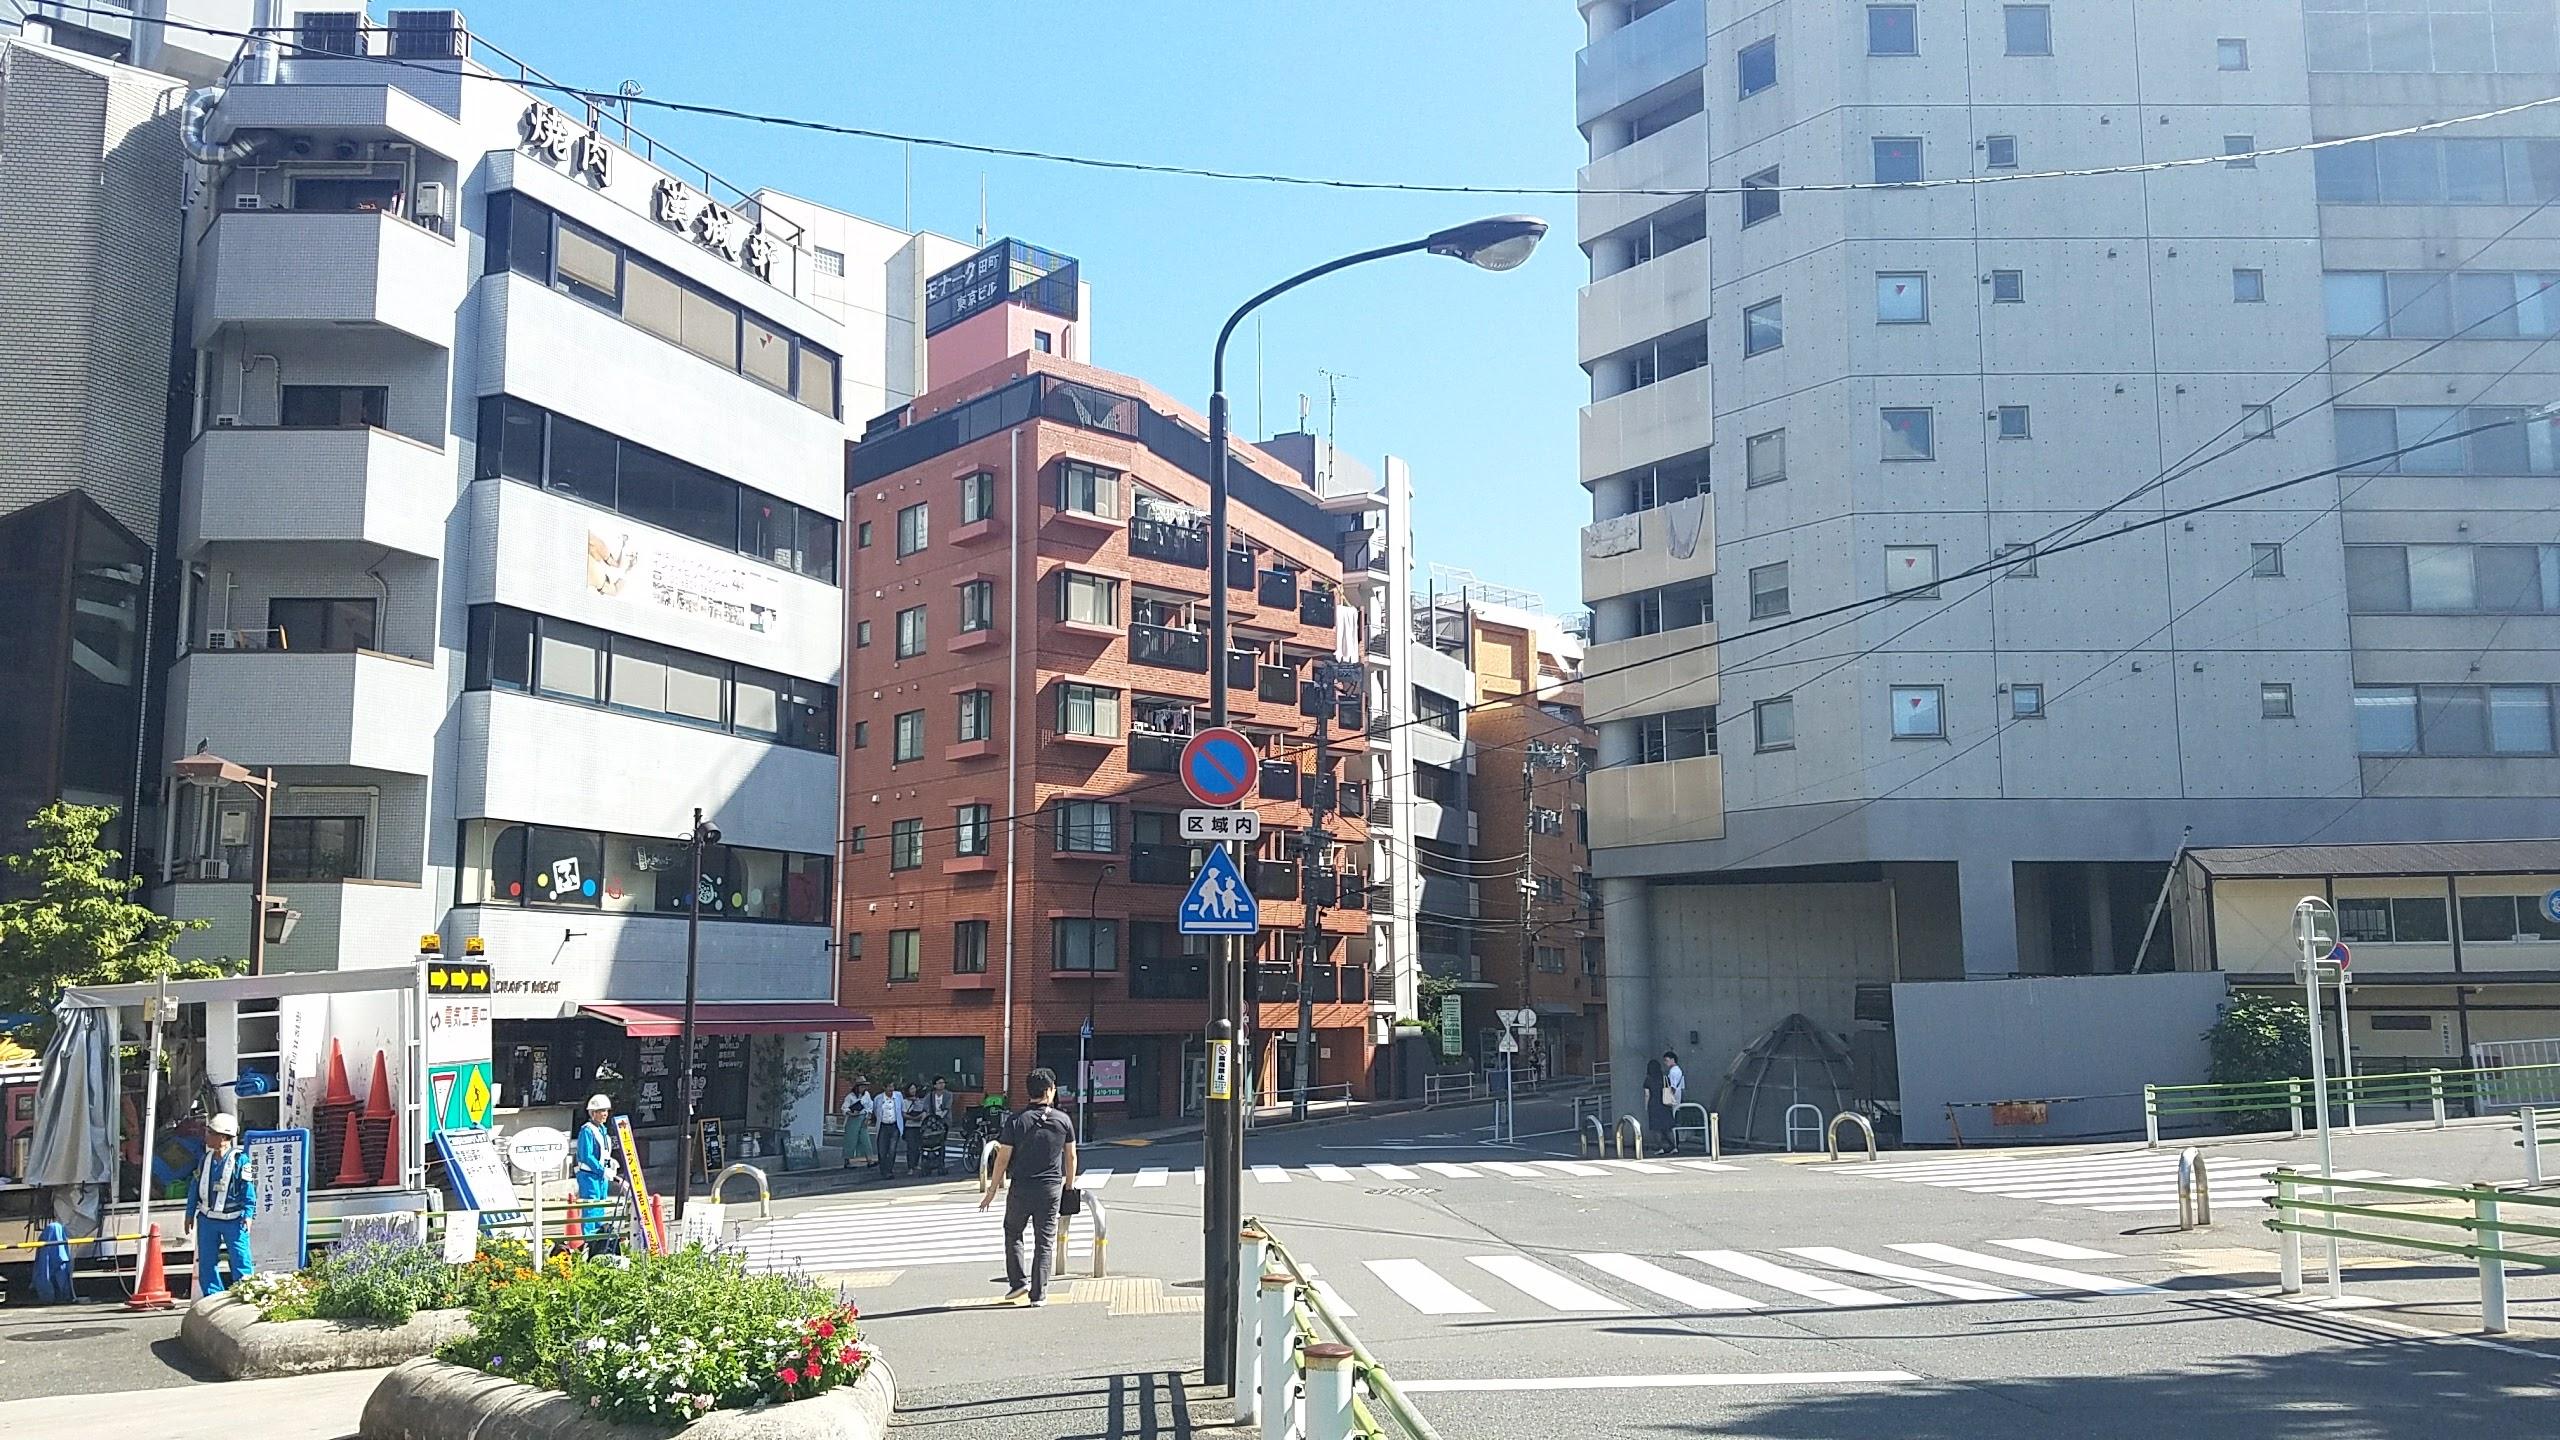 五叉路を茶色いビルの方向に進みます